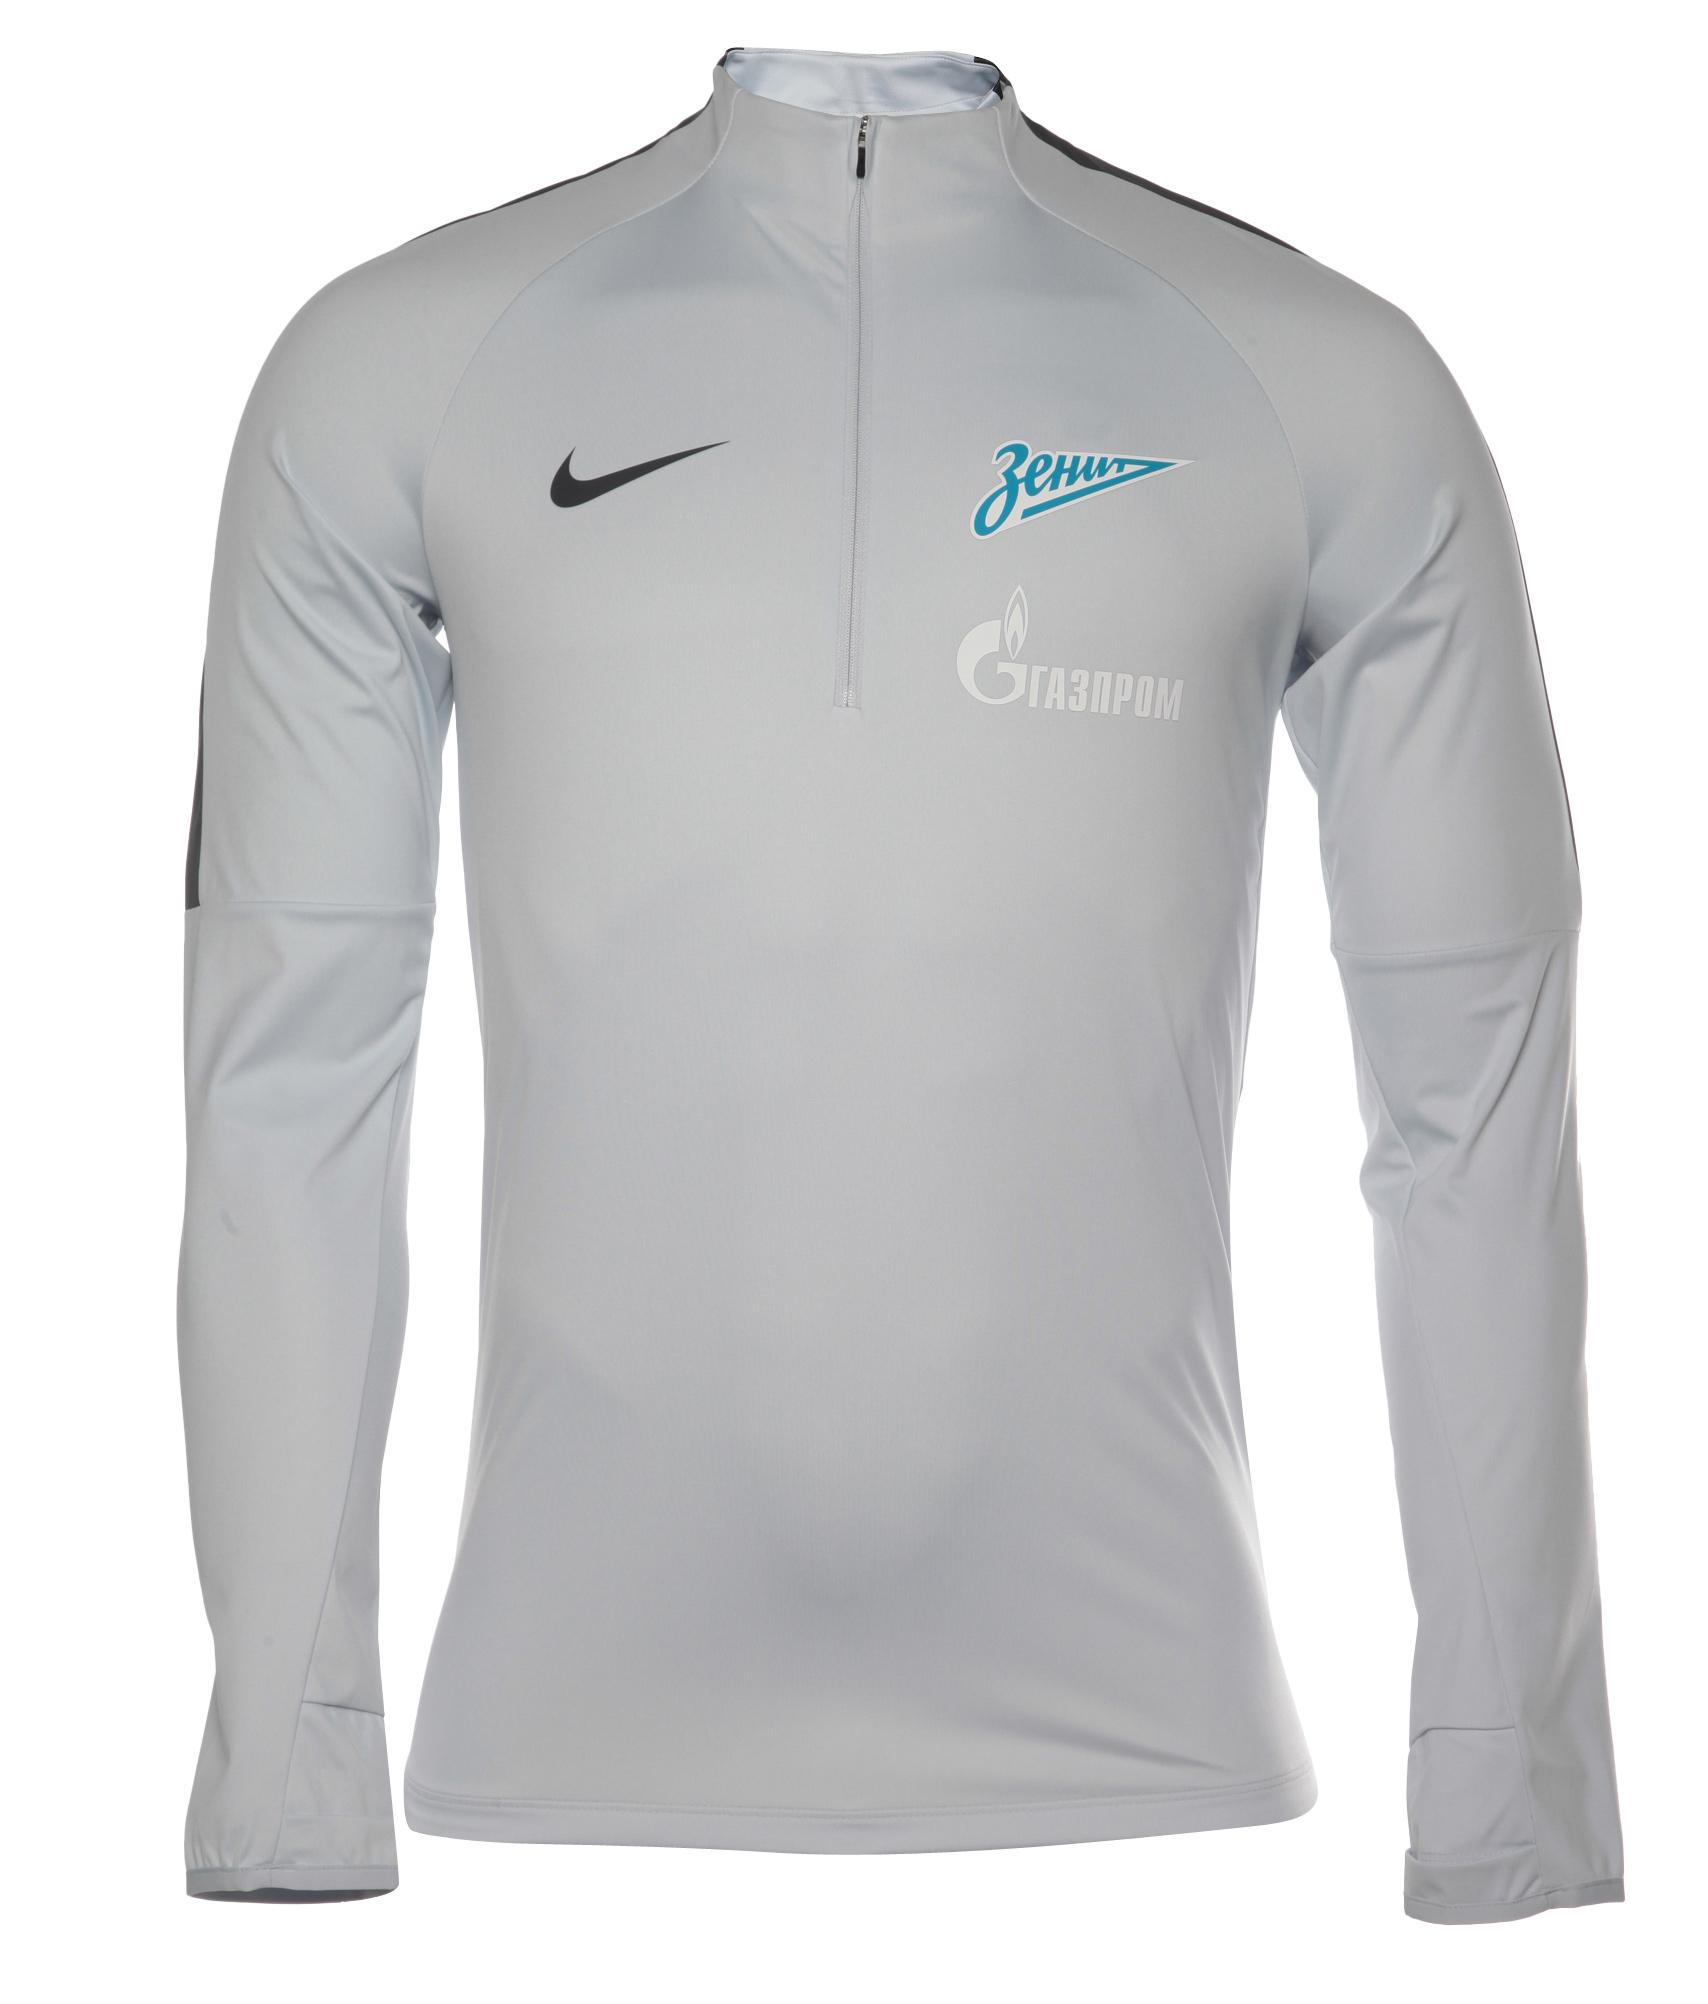 Джемпер ветрозащитный Nike Nike джемперы nike джемпер nike element sphere 1 2 zip